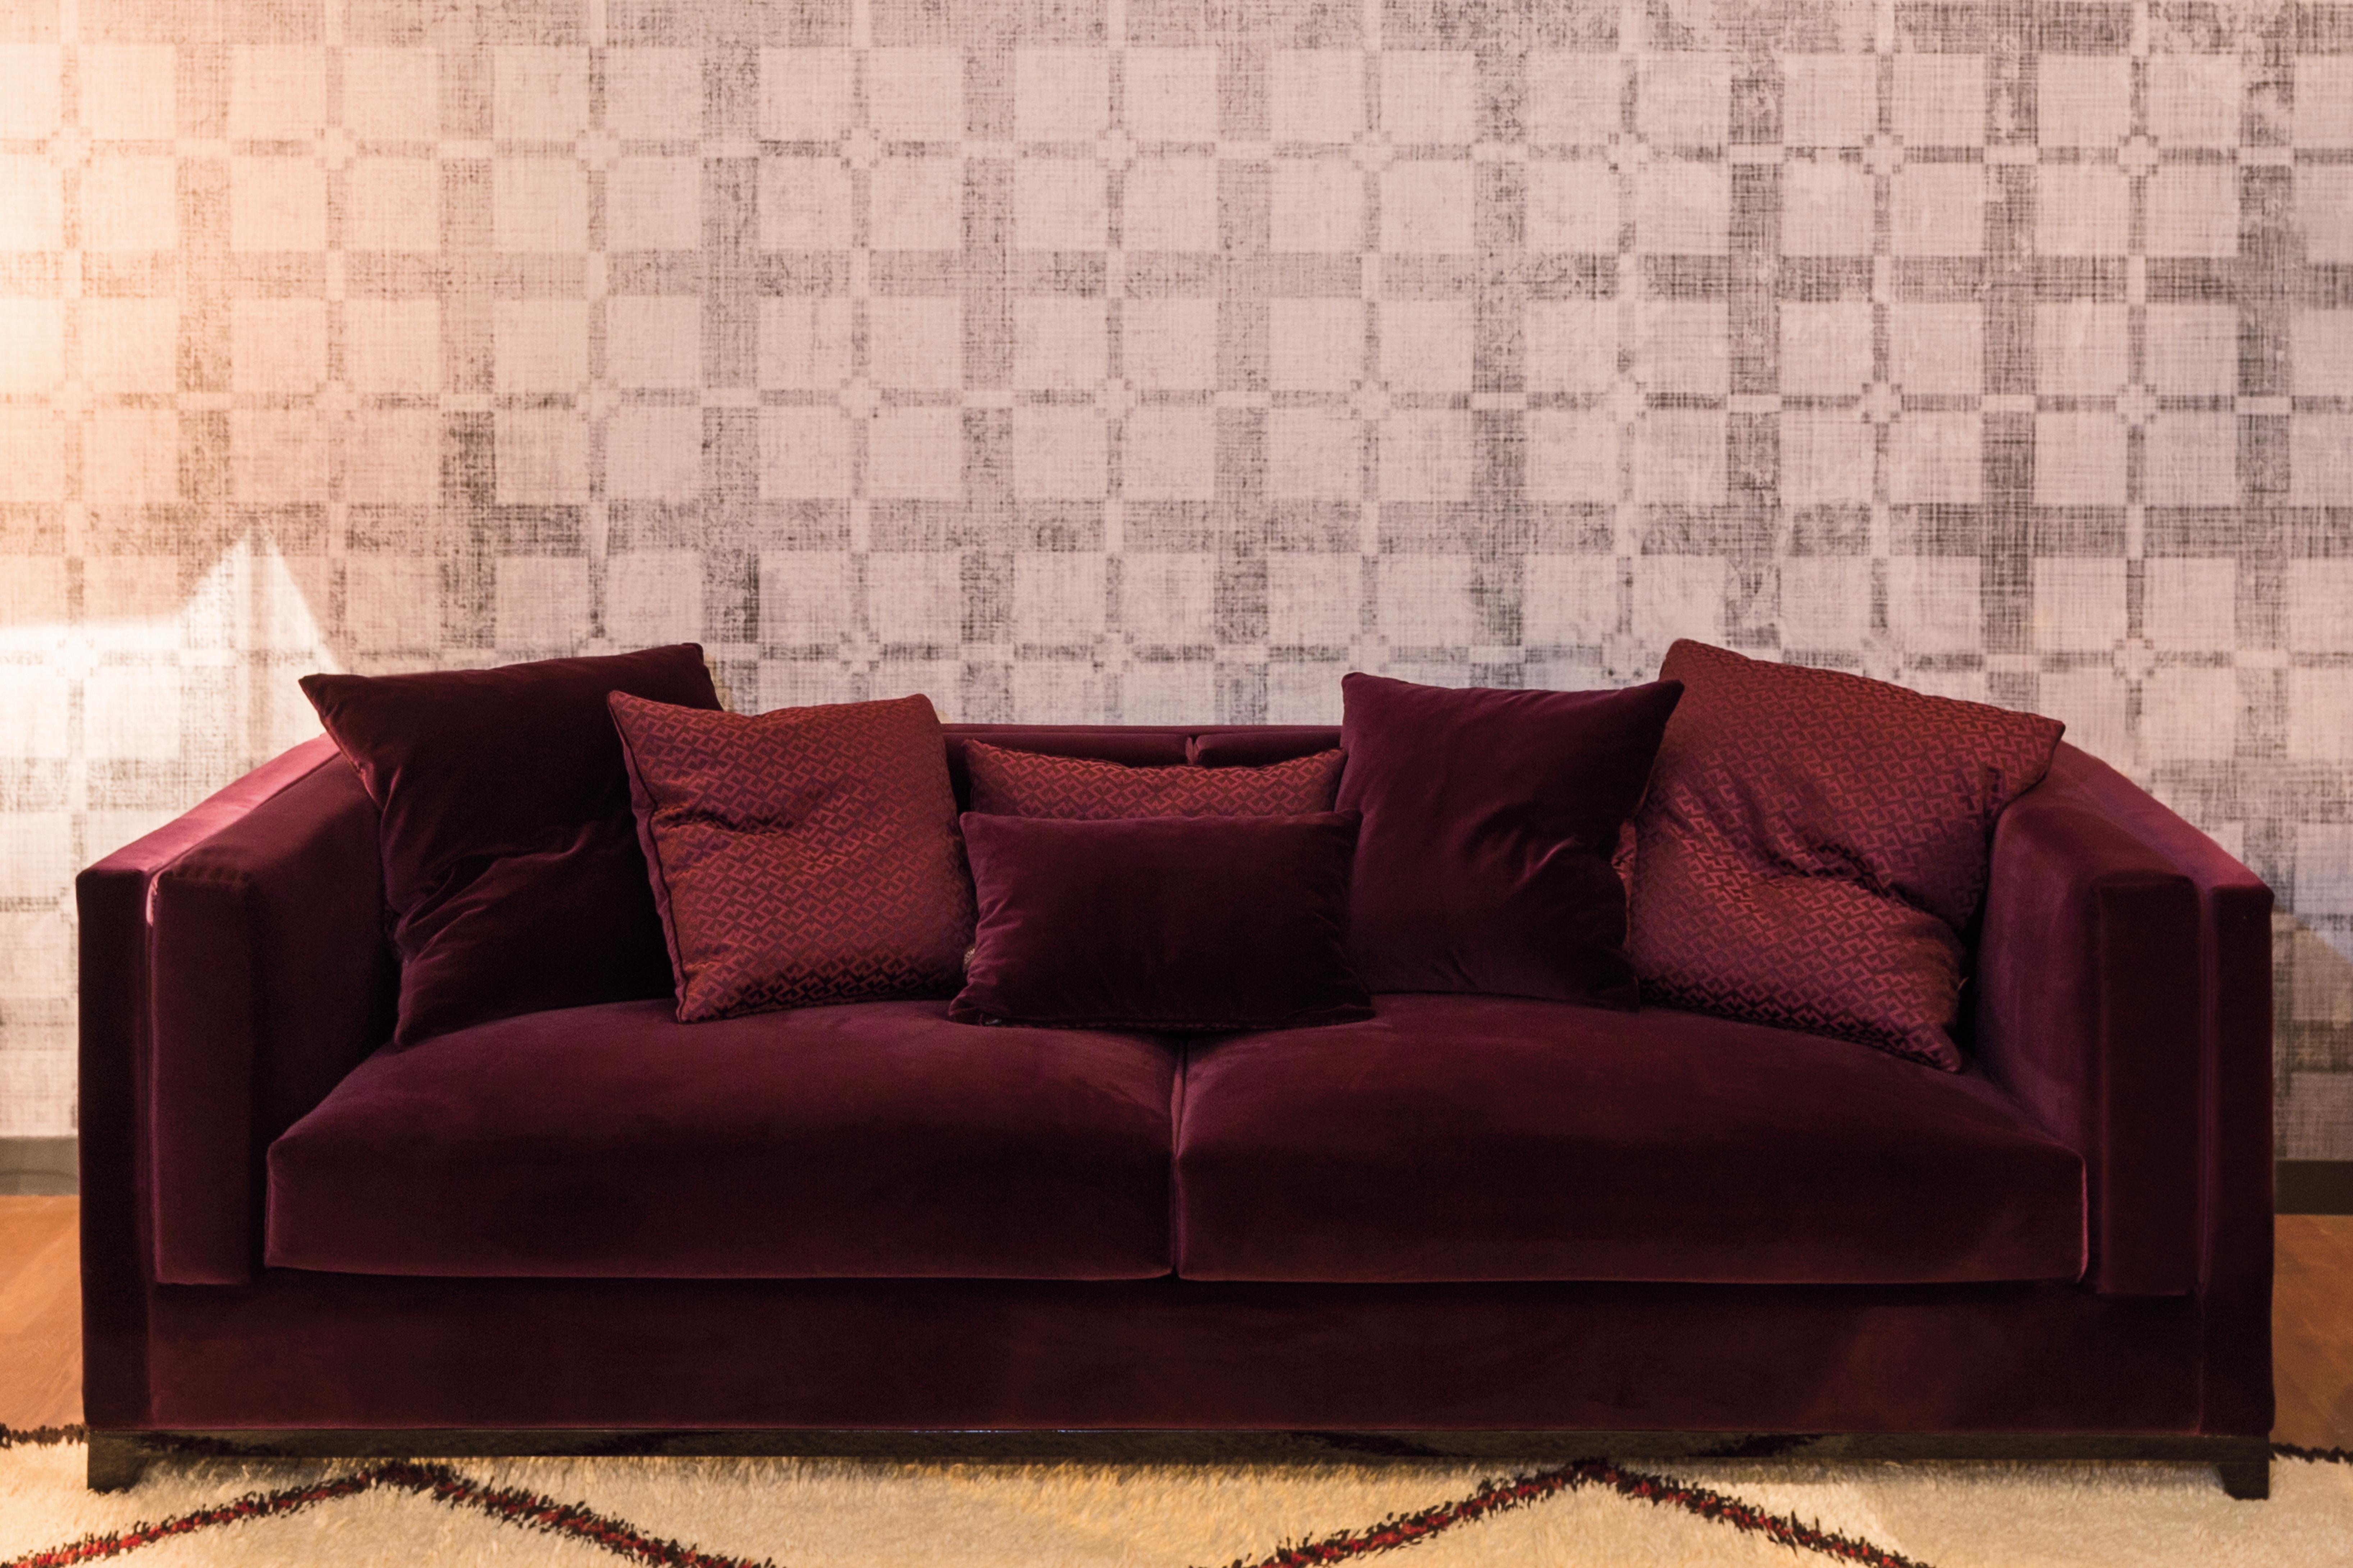 Juliettes Interiors beautiful red velvet sofa